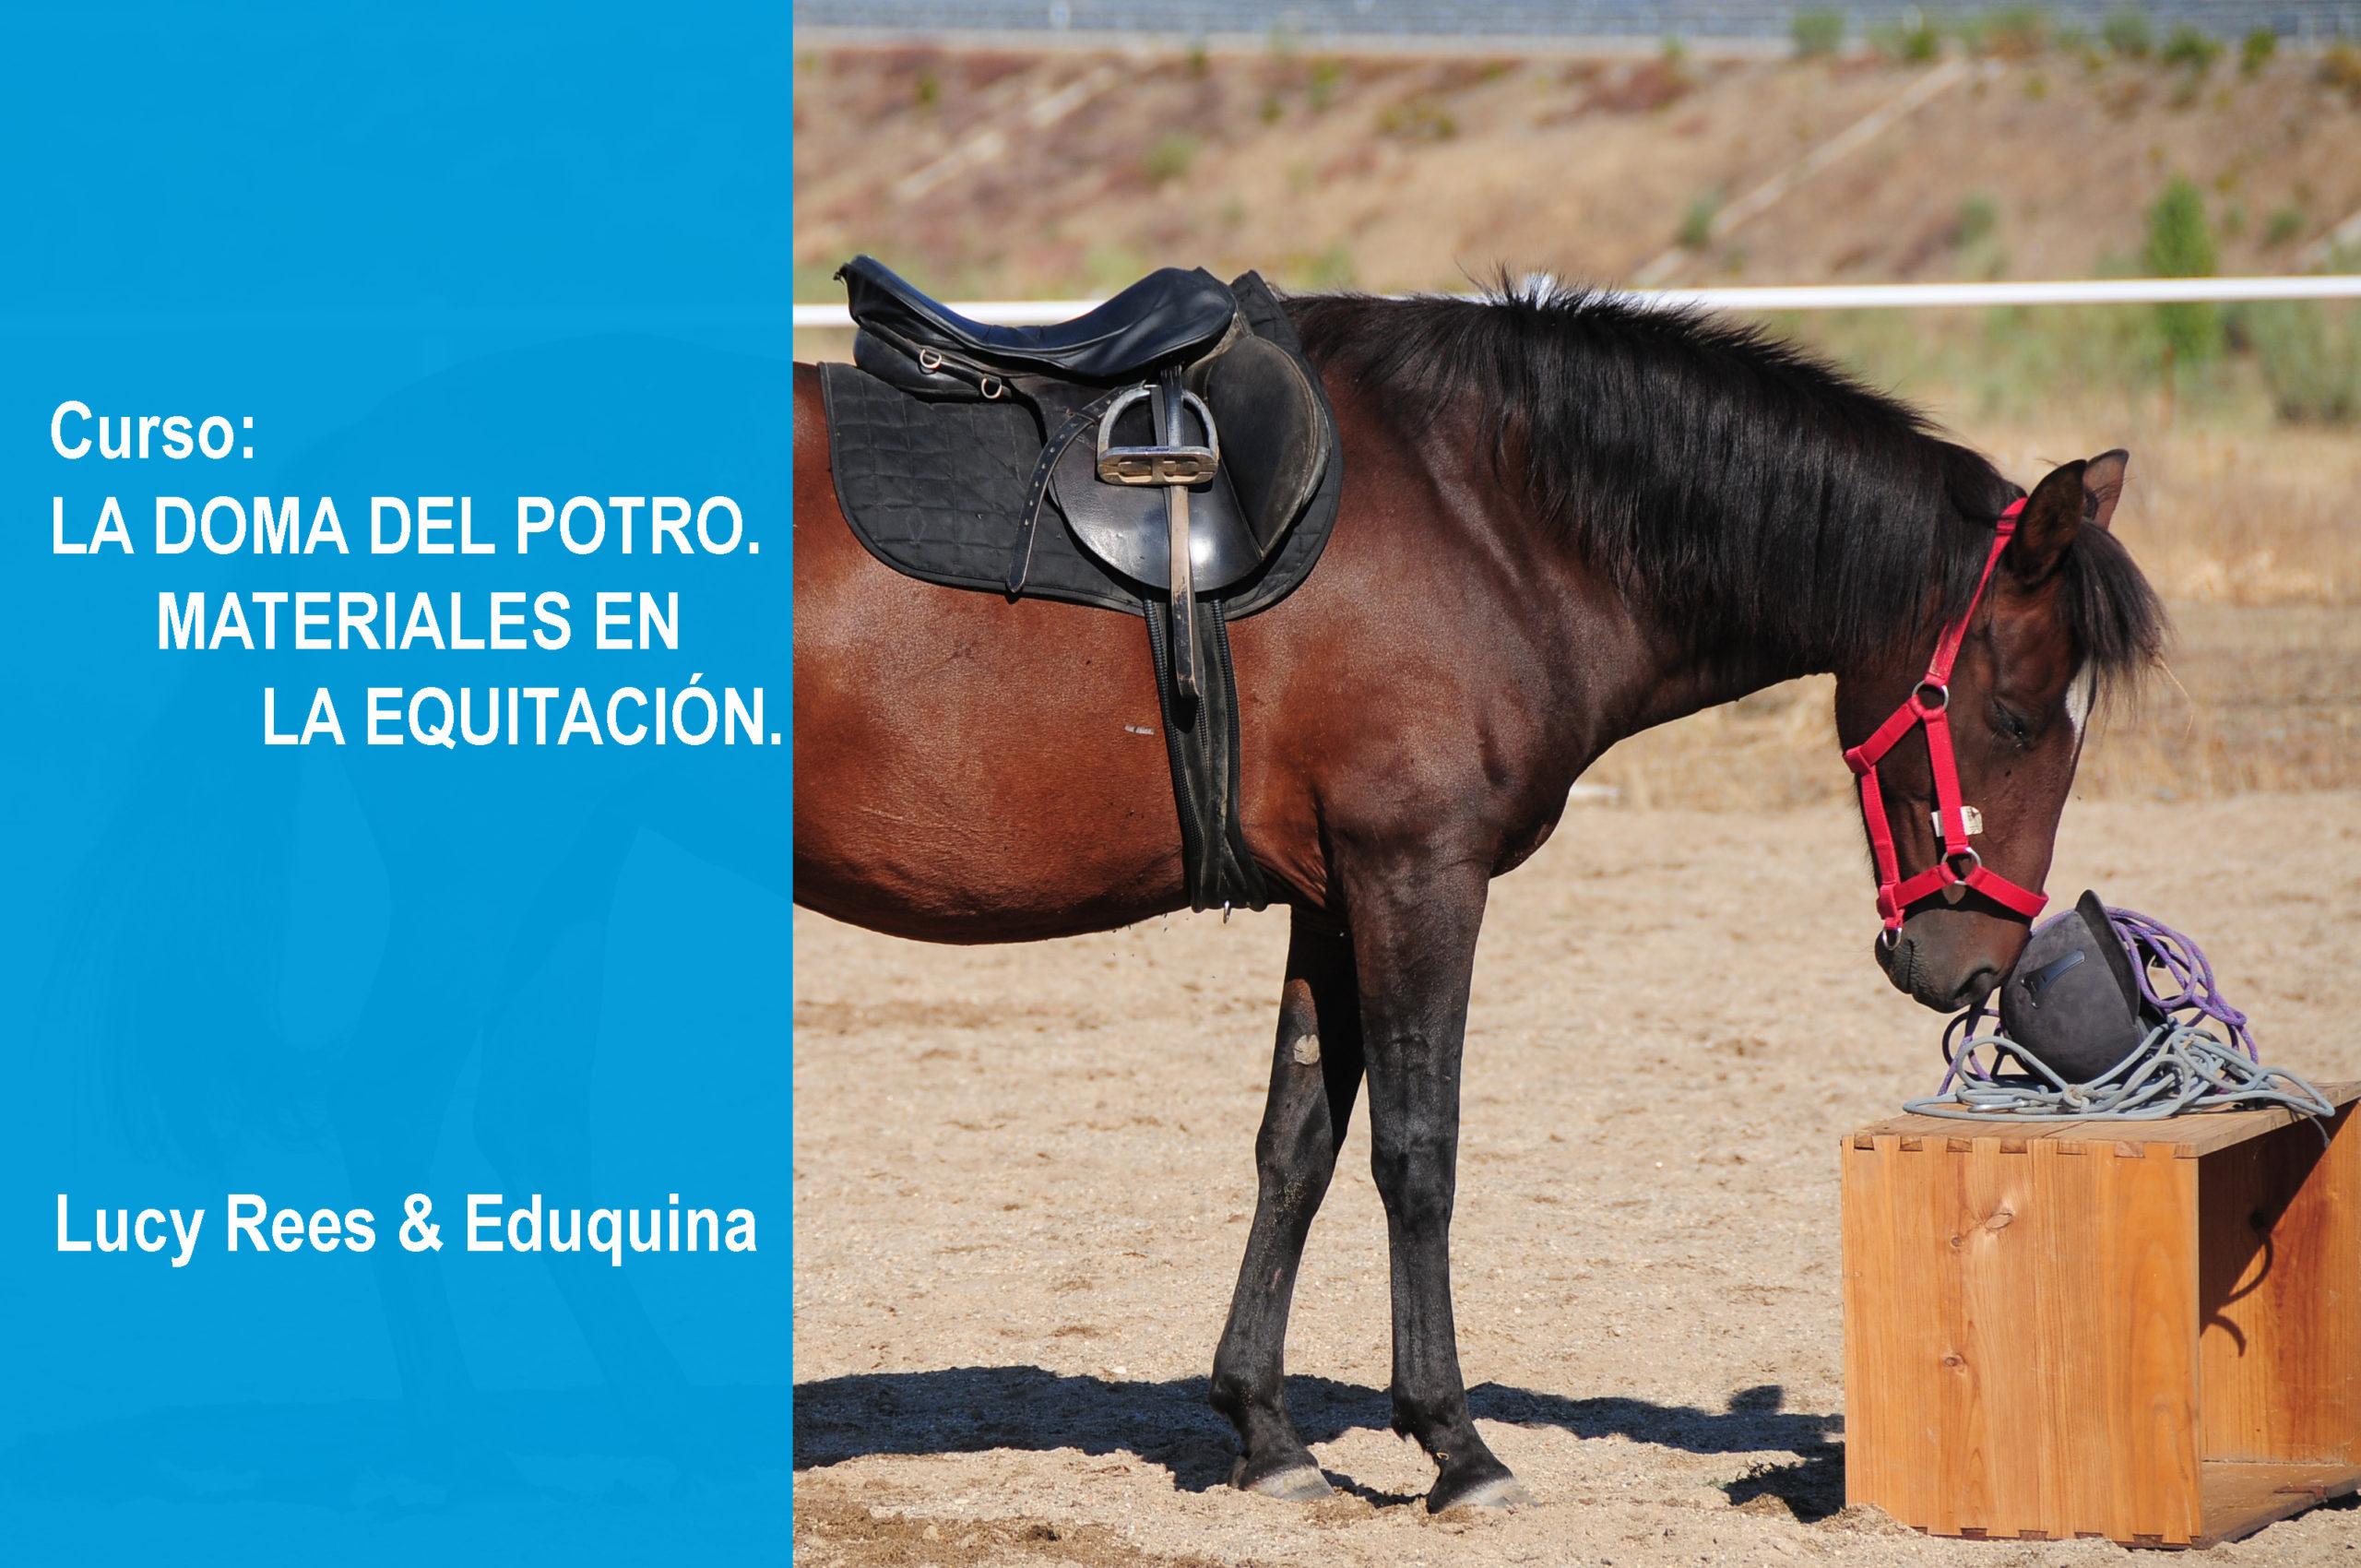 Bloque 4 (18 y 19 de marzo) La doma del potro/ Materiales en la equitación.